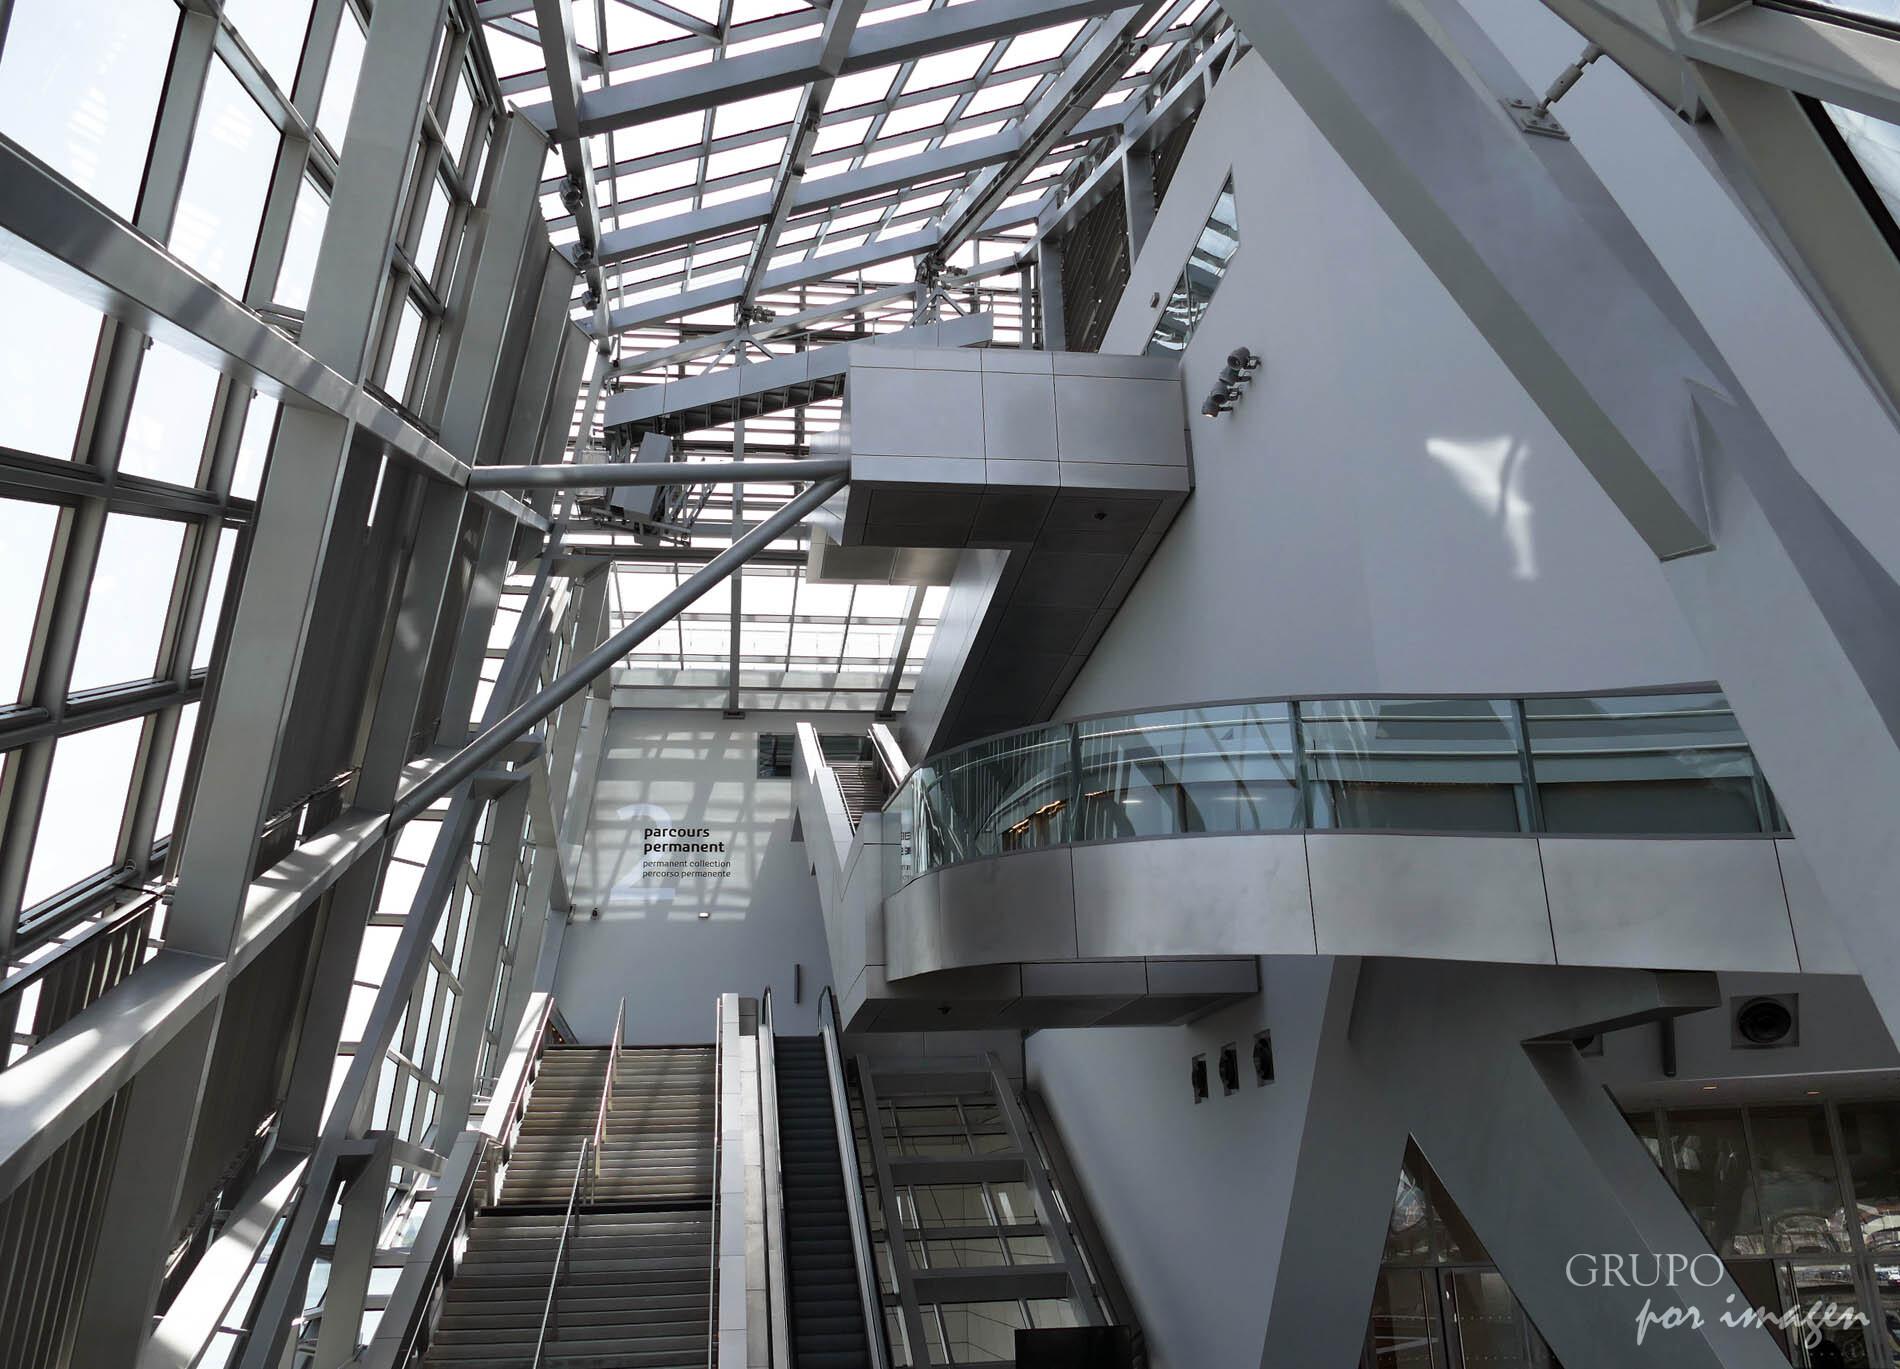 Lyon – Museo de la confluencia / Luis Cutín